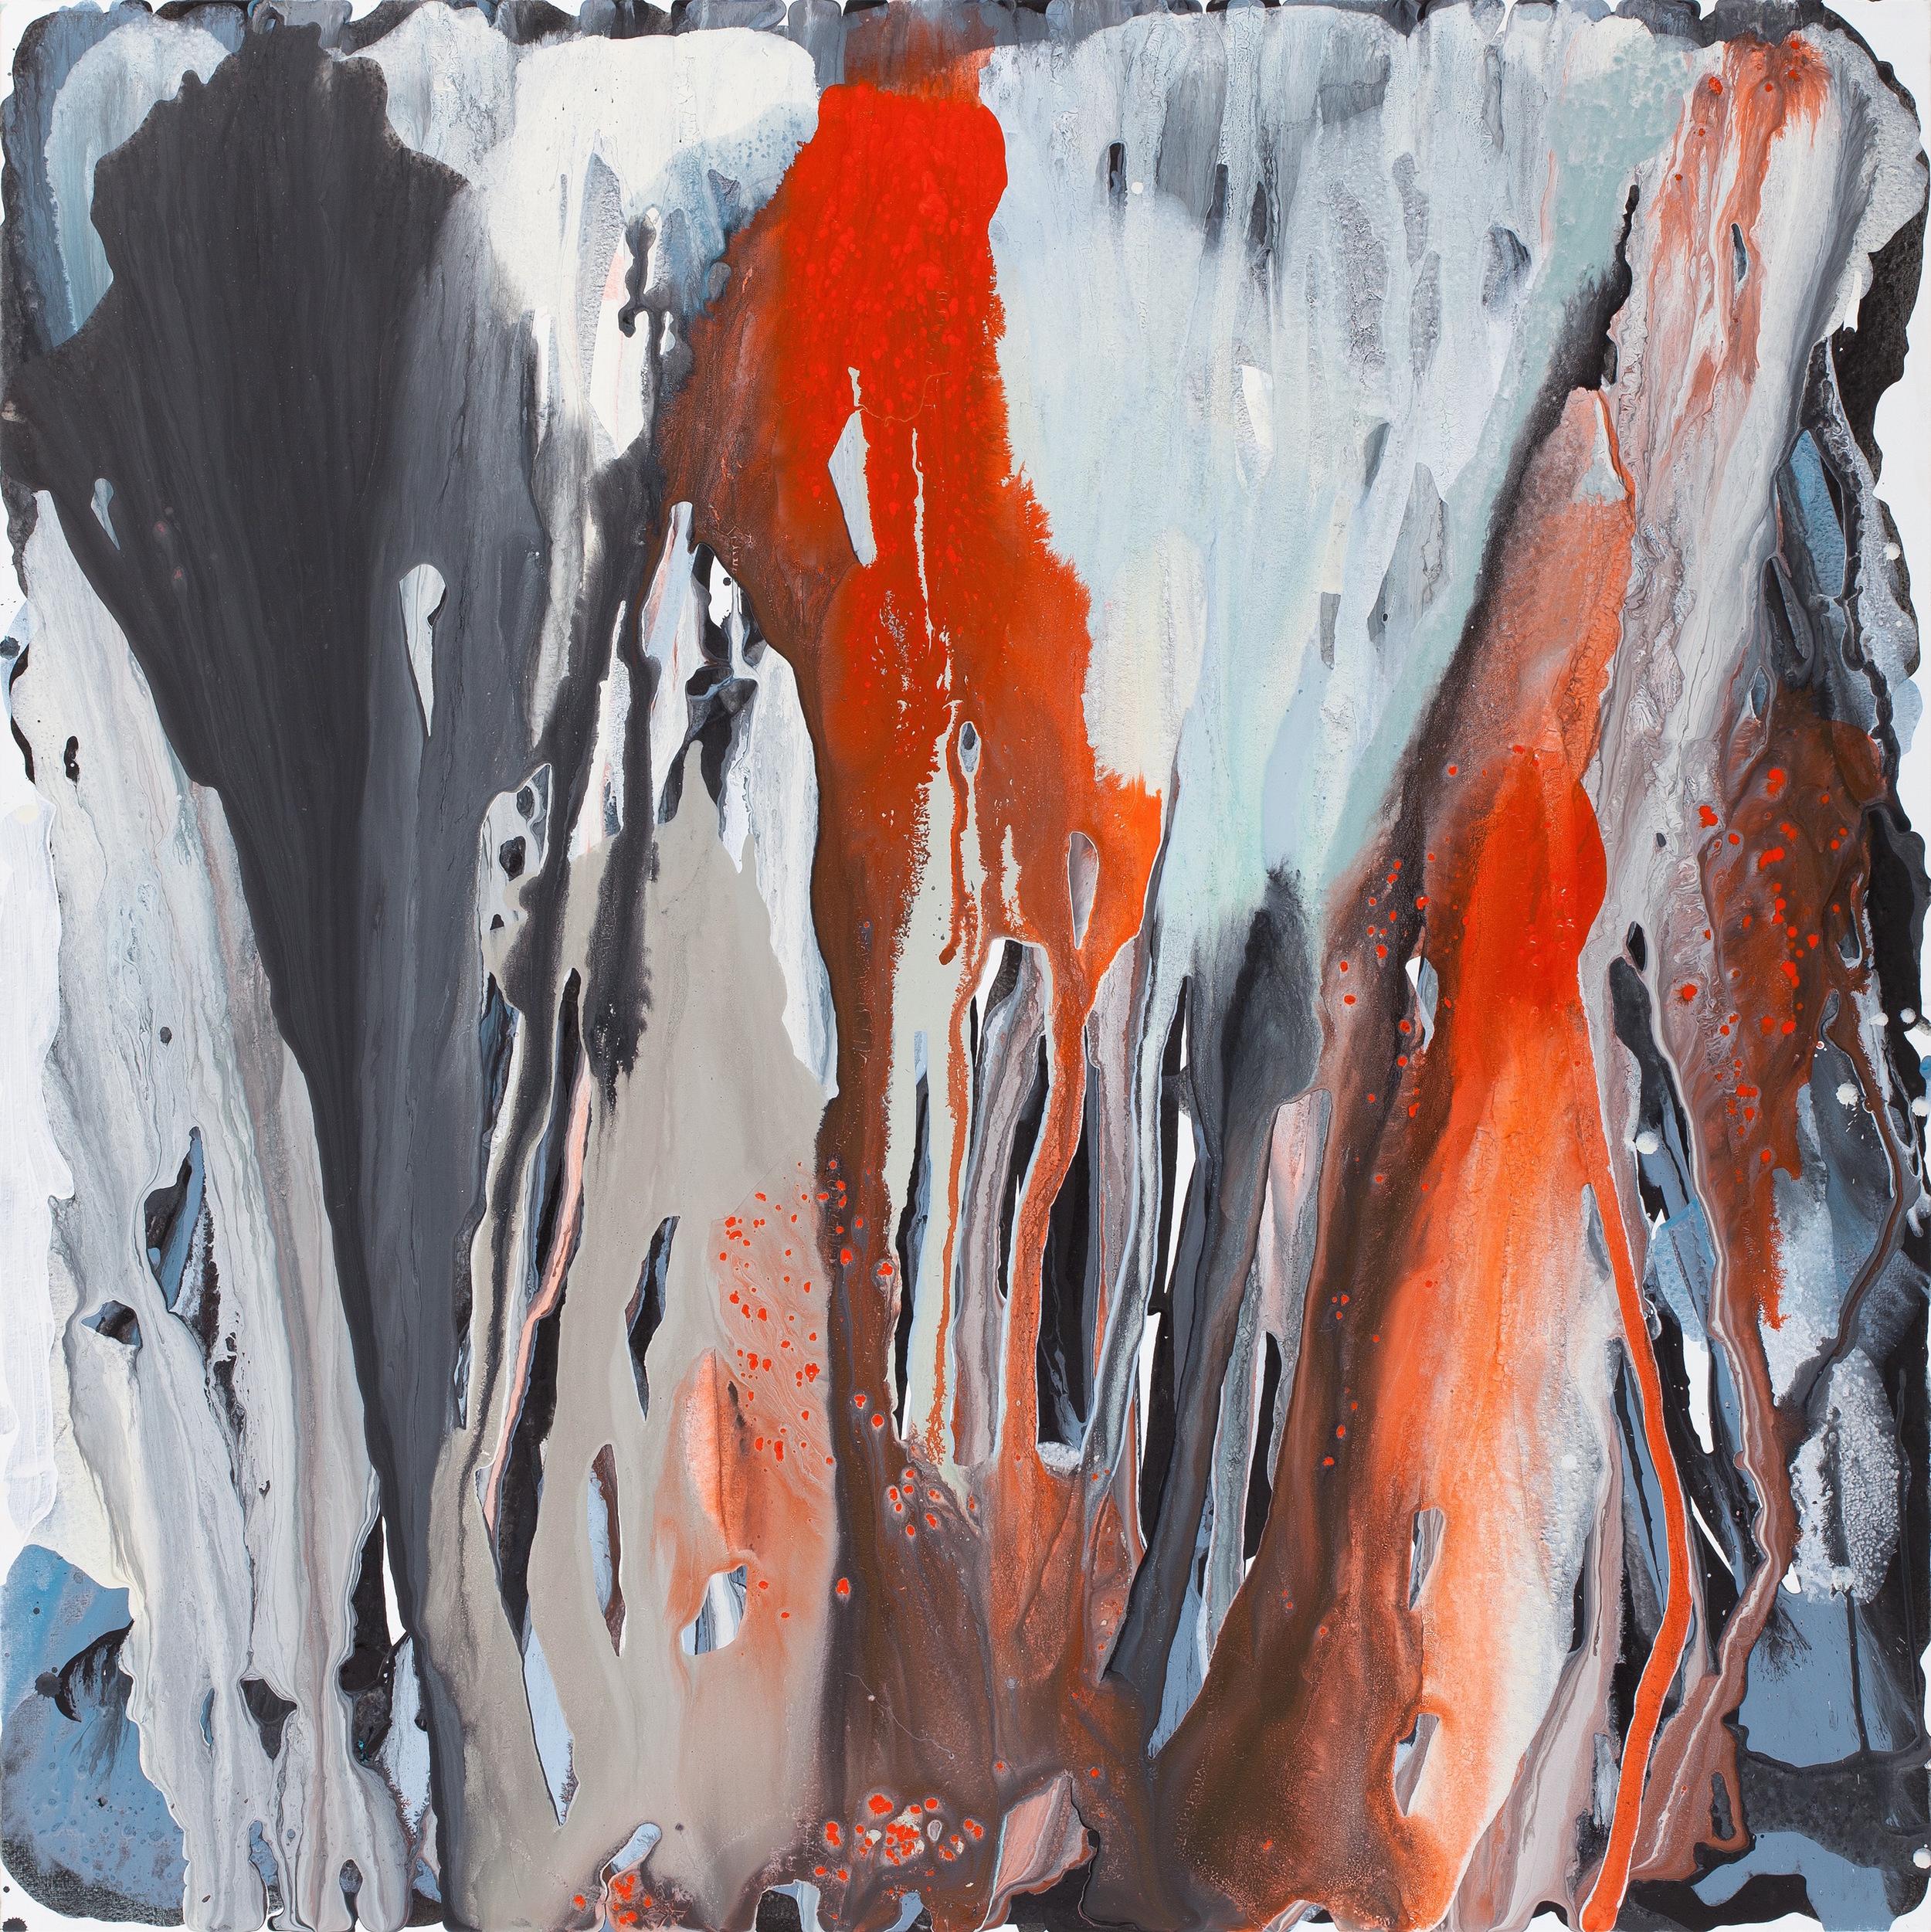 fall_08  acrylic on canvas  130 cm X 130 cm  2012